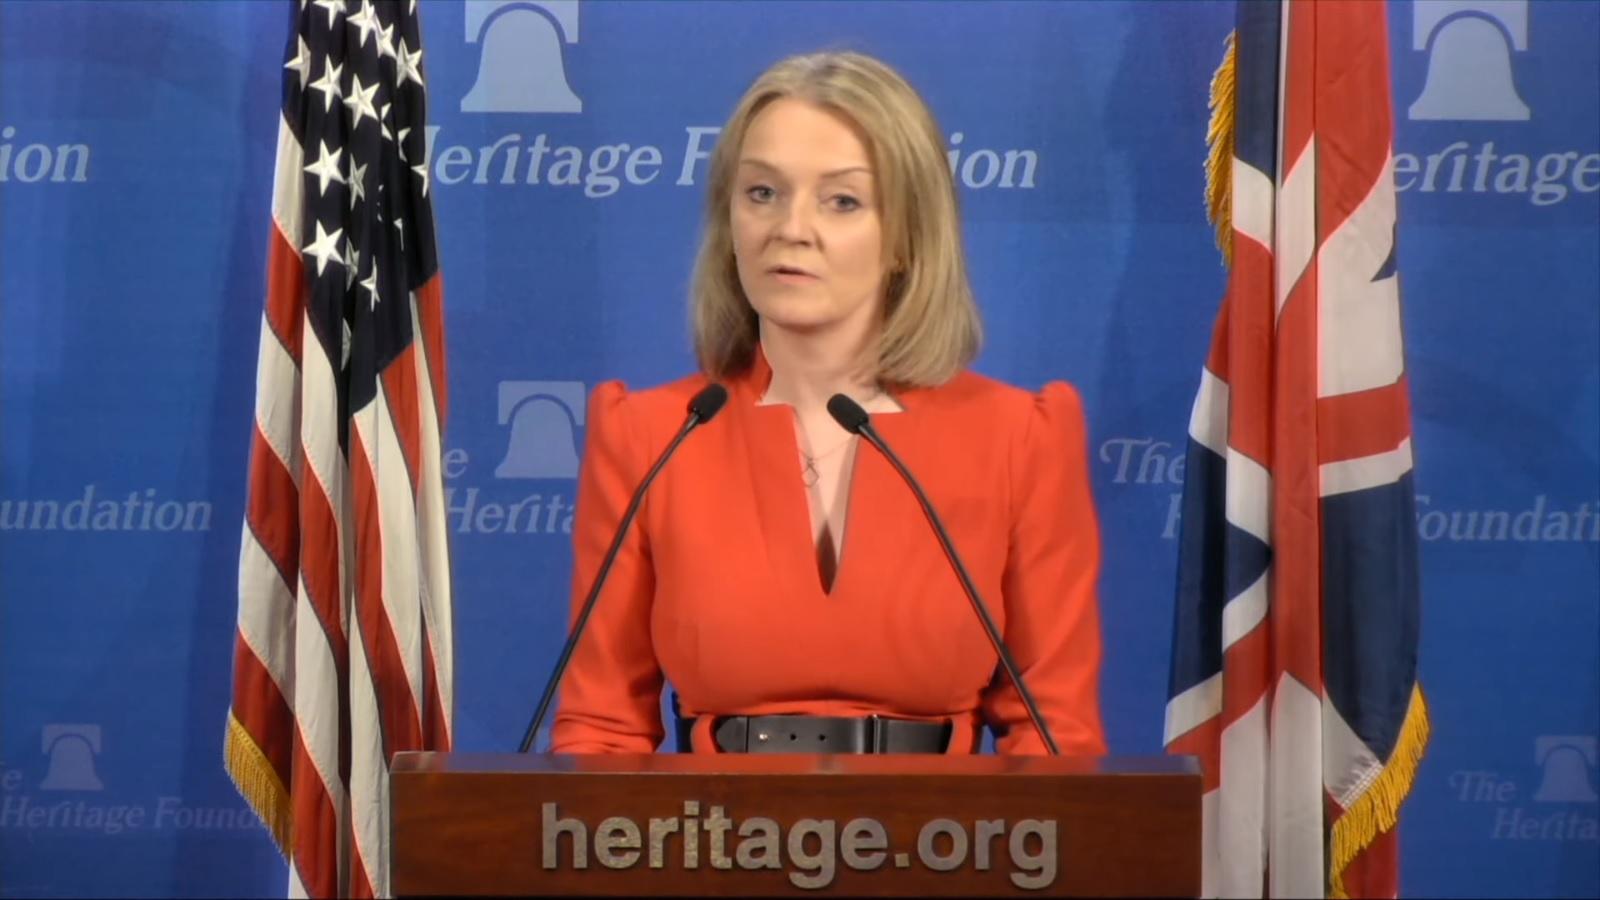 Liz Truss a fait l'éloge de la Heritage Foundation, le groupe de lobbying conservateur américain qui a mené des efforts pour saper les droits des LGBT +.